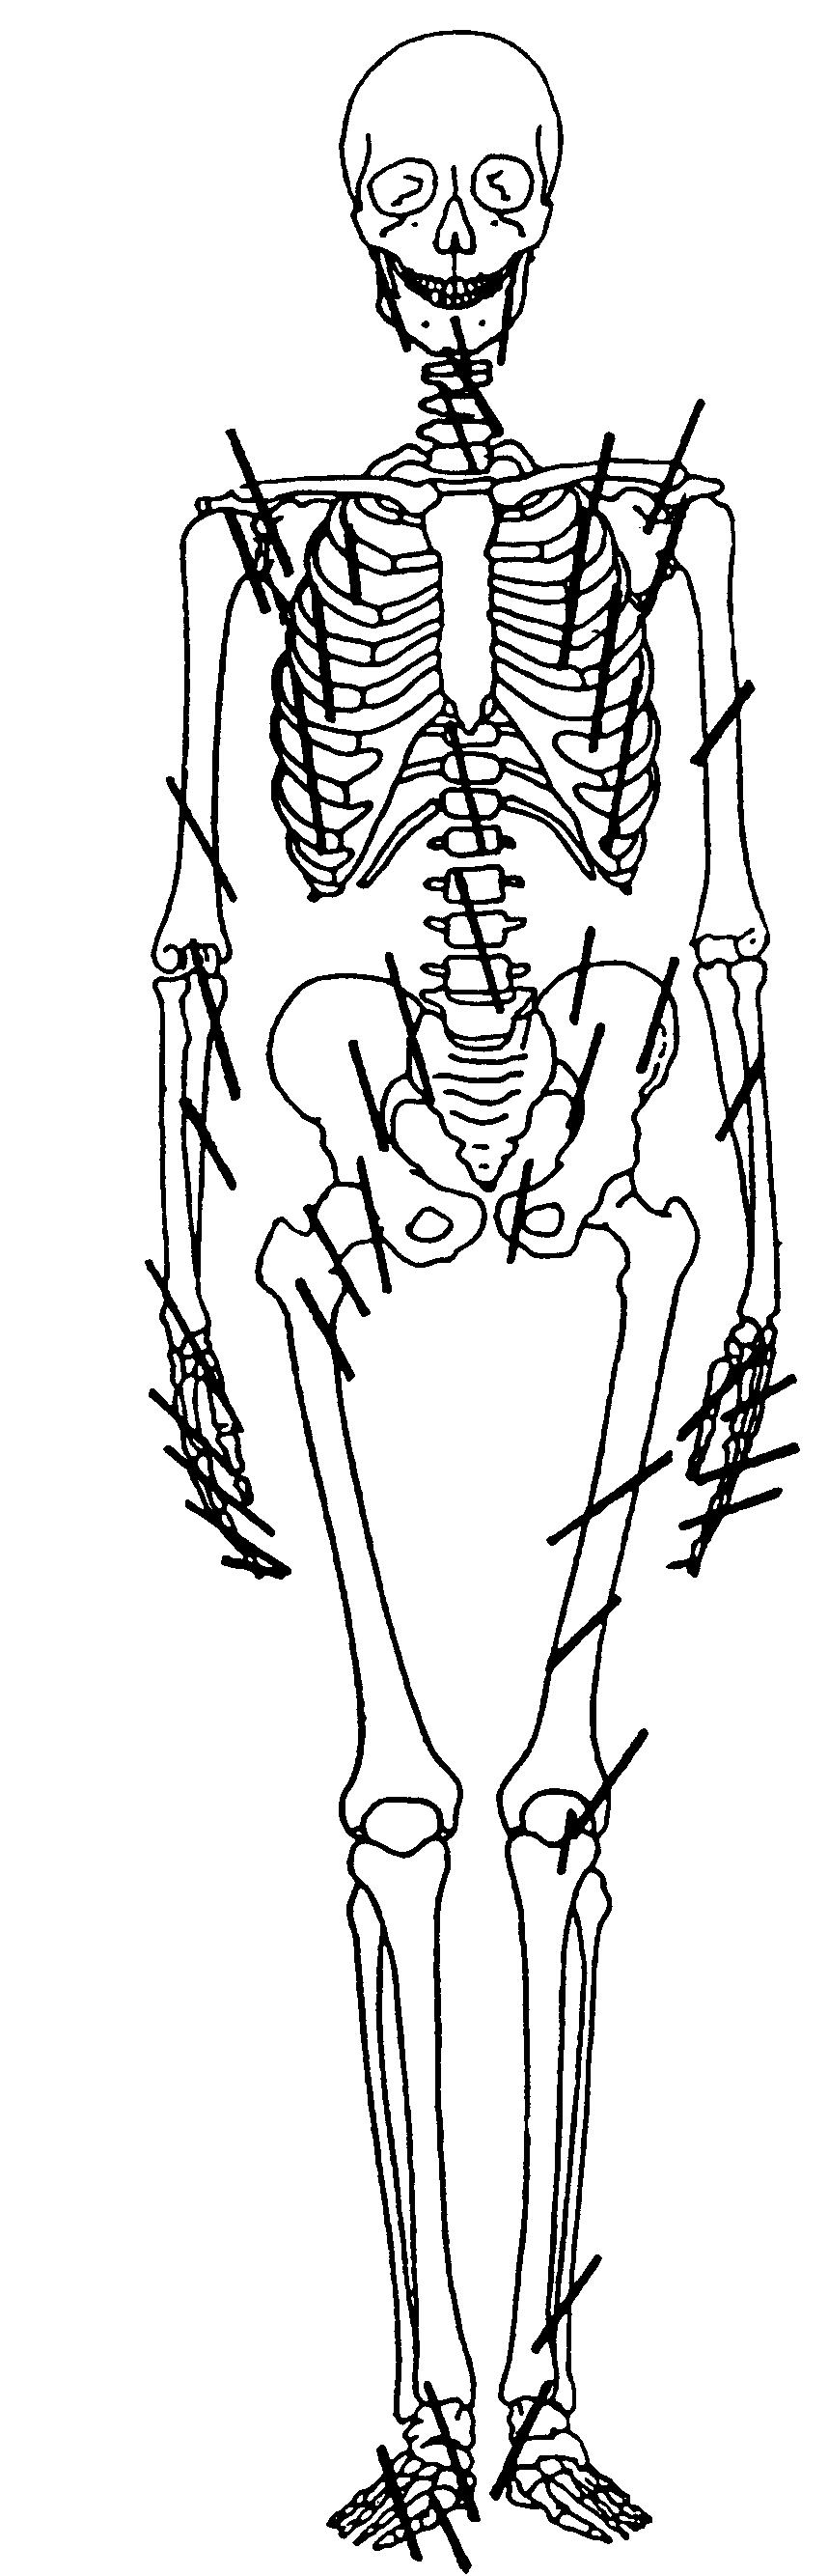 Vágásnyomok az NgLj-2 lelőhelyről származó csontokon